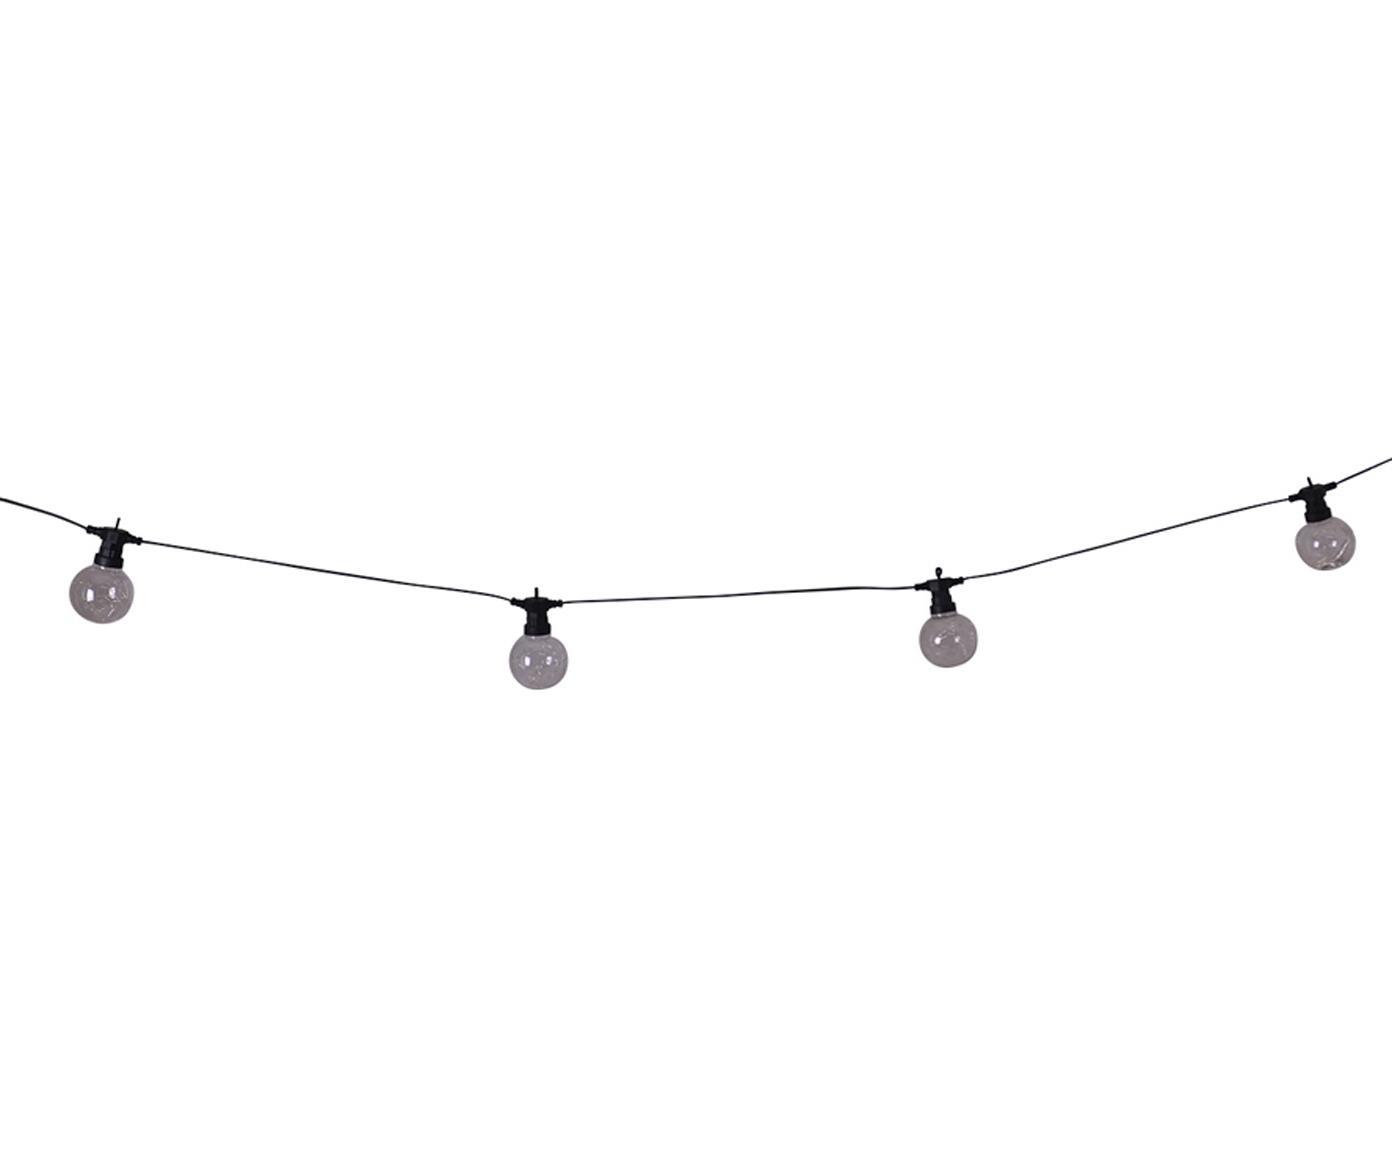 Guirnalda de luces LED Crackle Chain, 750cm, Plástico, Transparente, L 750 cm